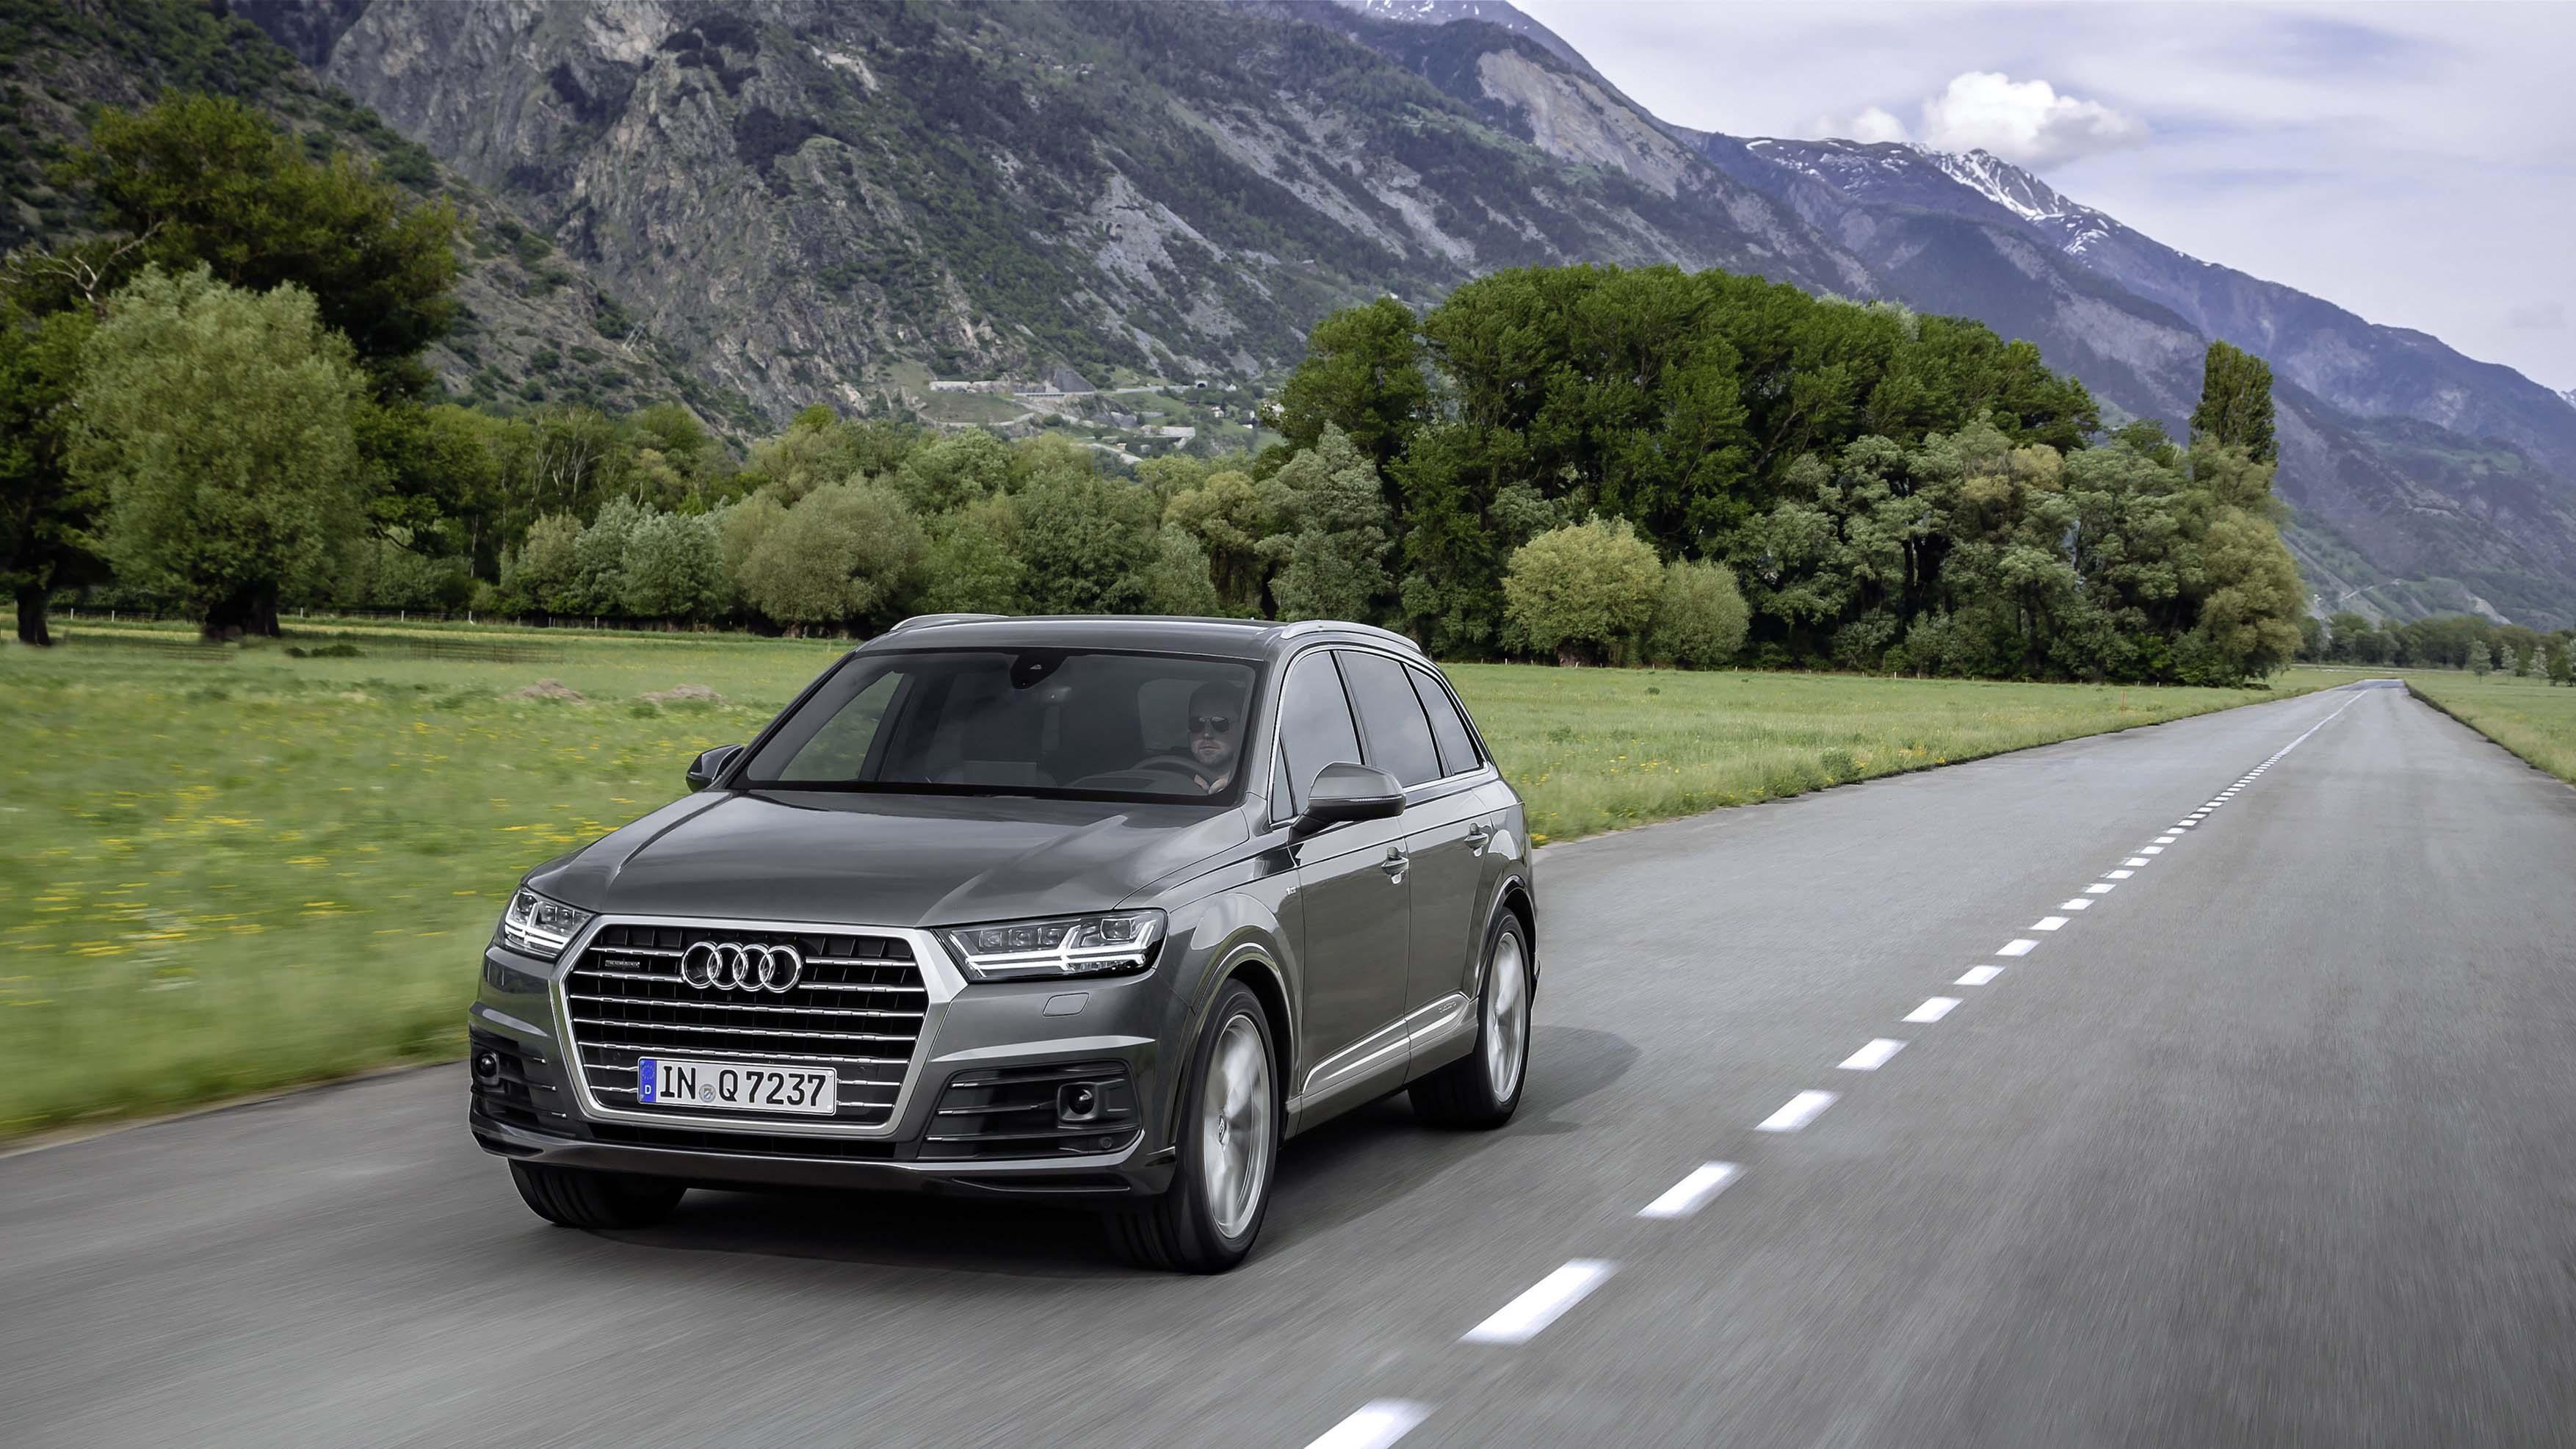 Audi Q7 S line 進化版搭載全輪轉向系統,324 萬限量發售